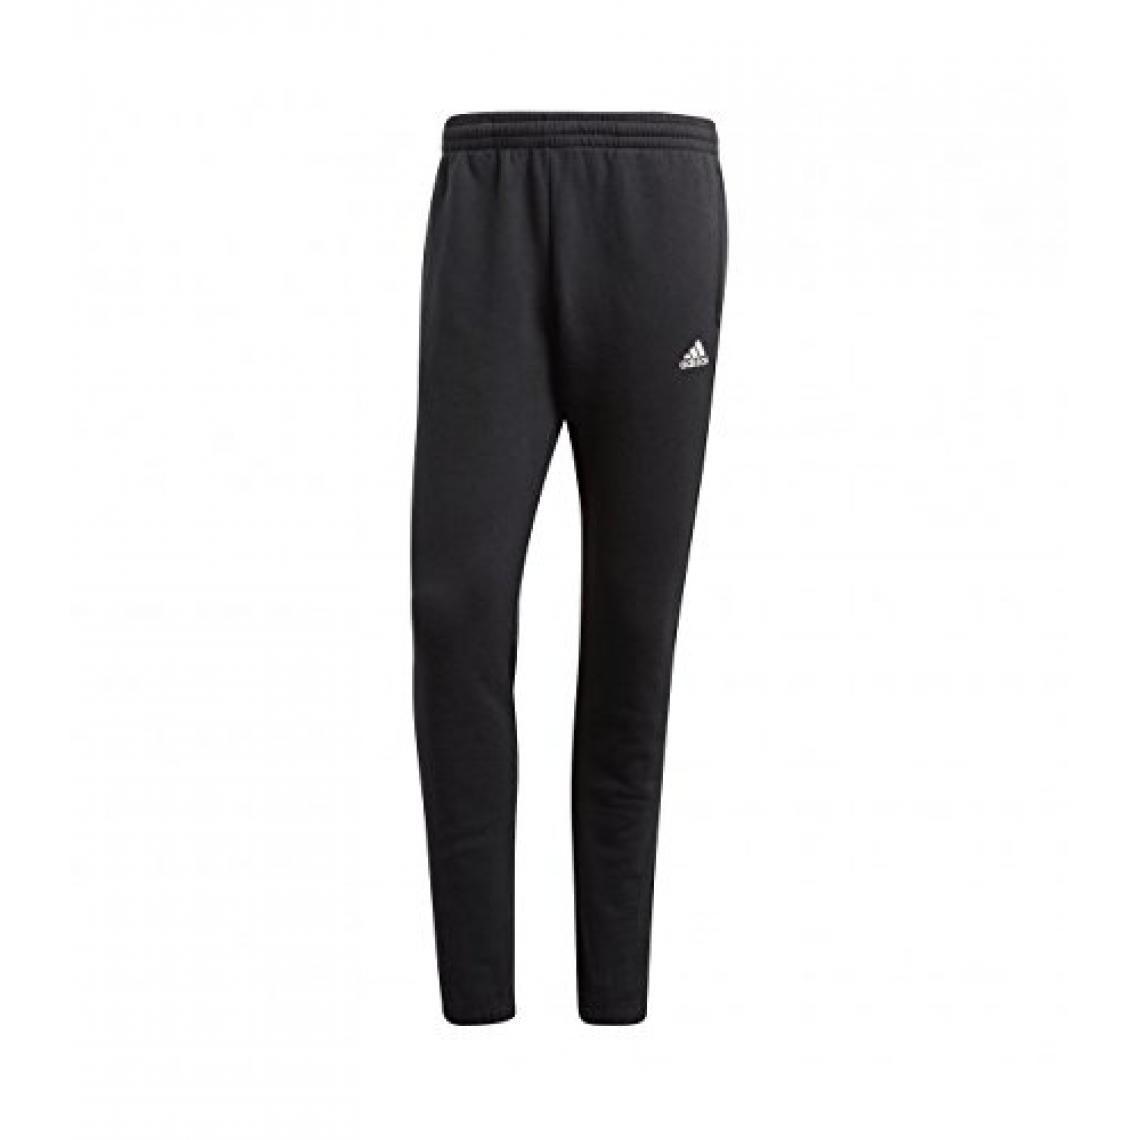 adidas jogginghose s/l